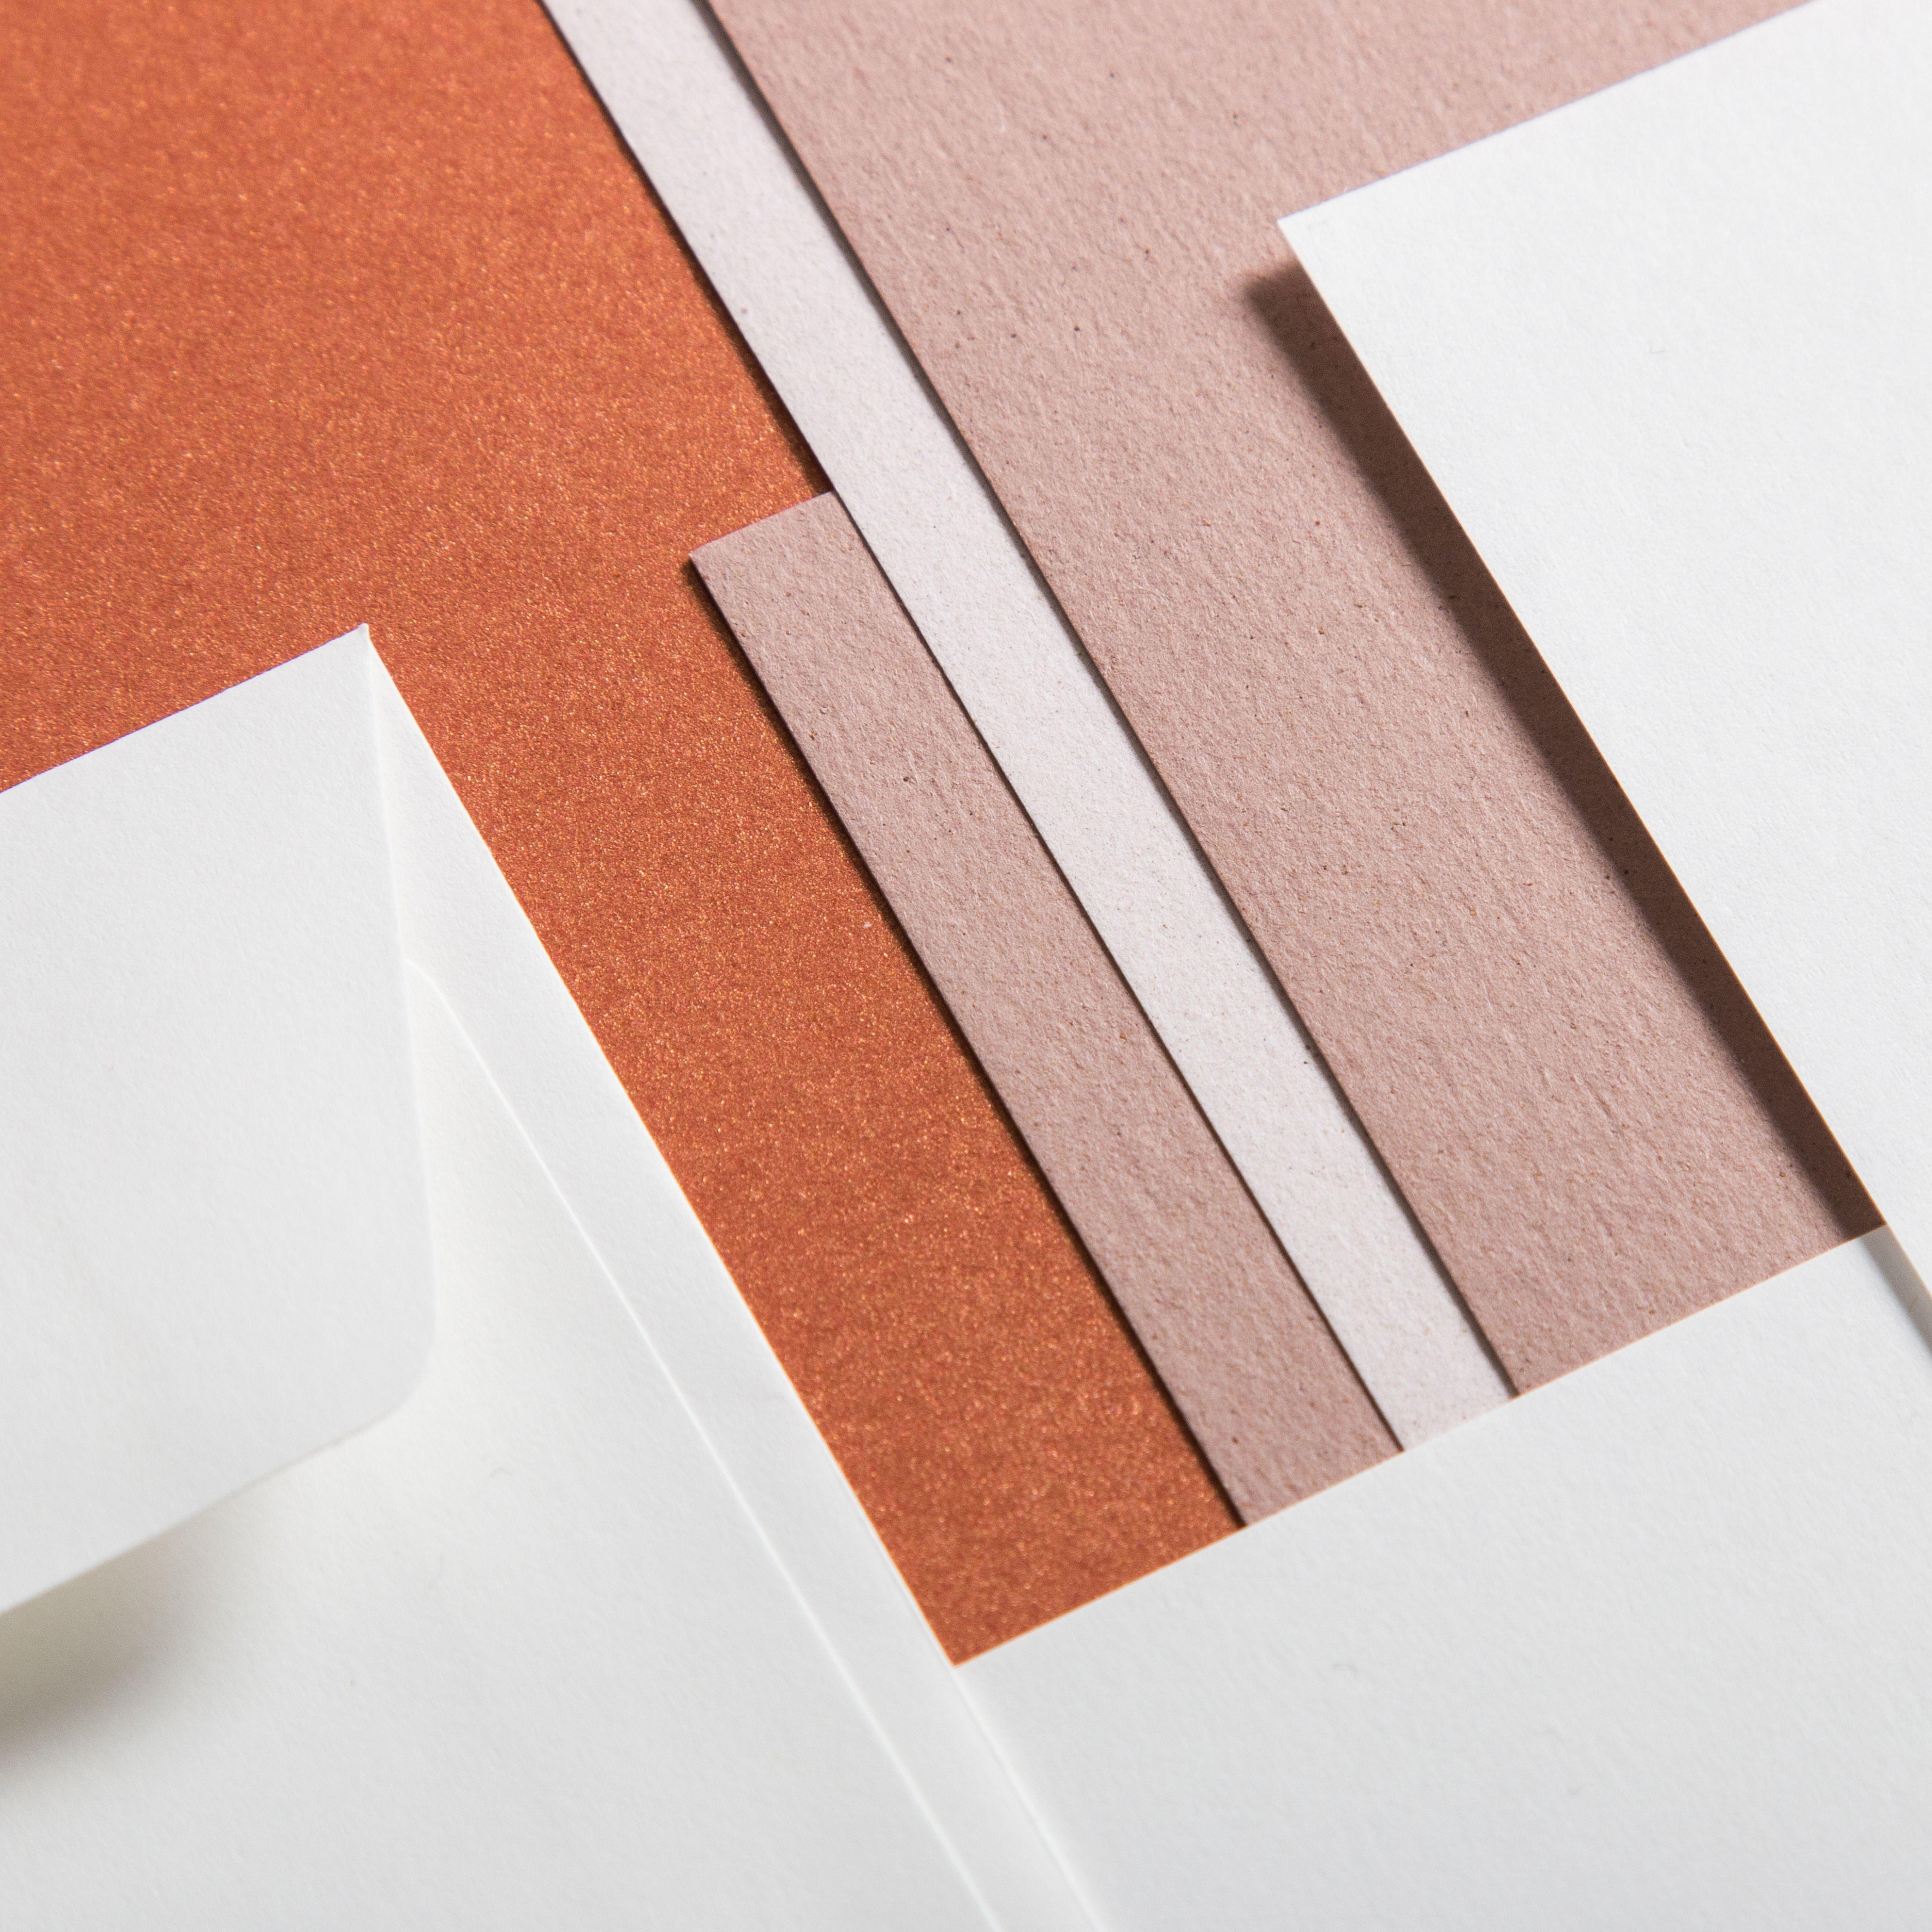 Papiere Im Farbtrend Blush Papier Farbtrends Umschlage